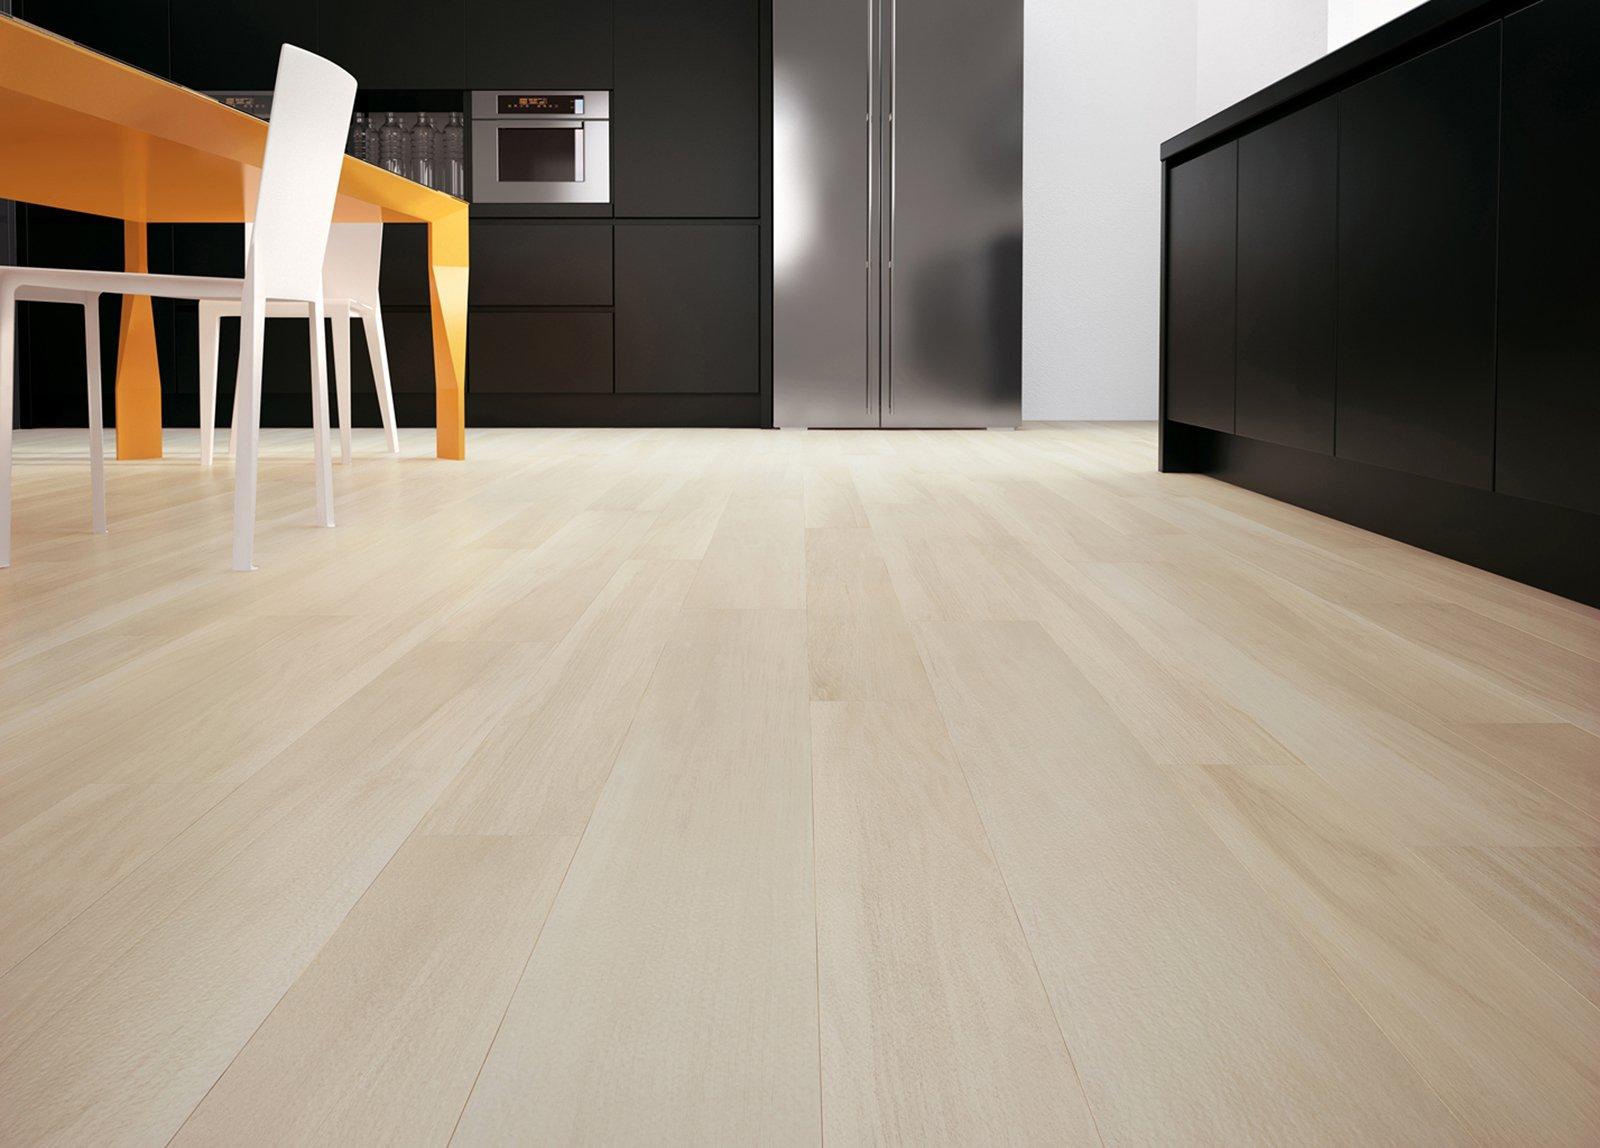 Piastrelle per il pavimento della cucina cose di casa - Piastrelle posa a secco ...